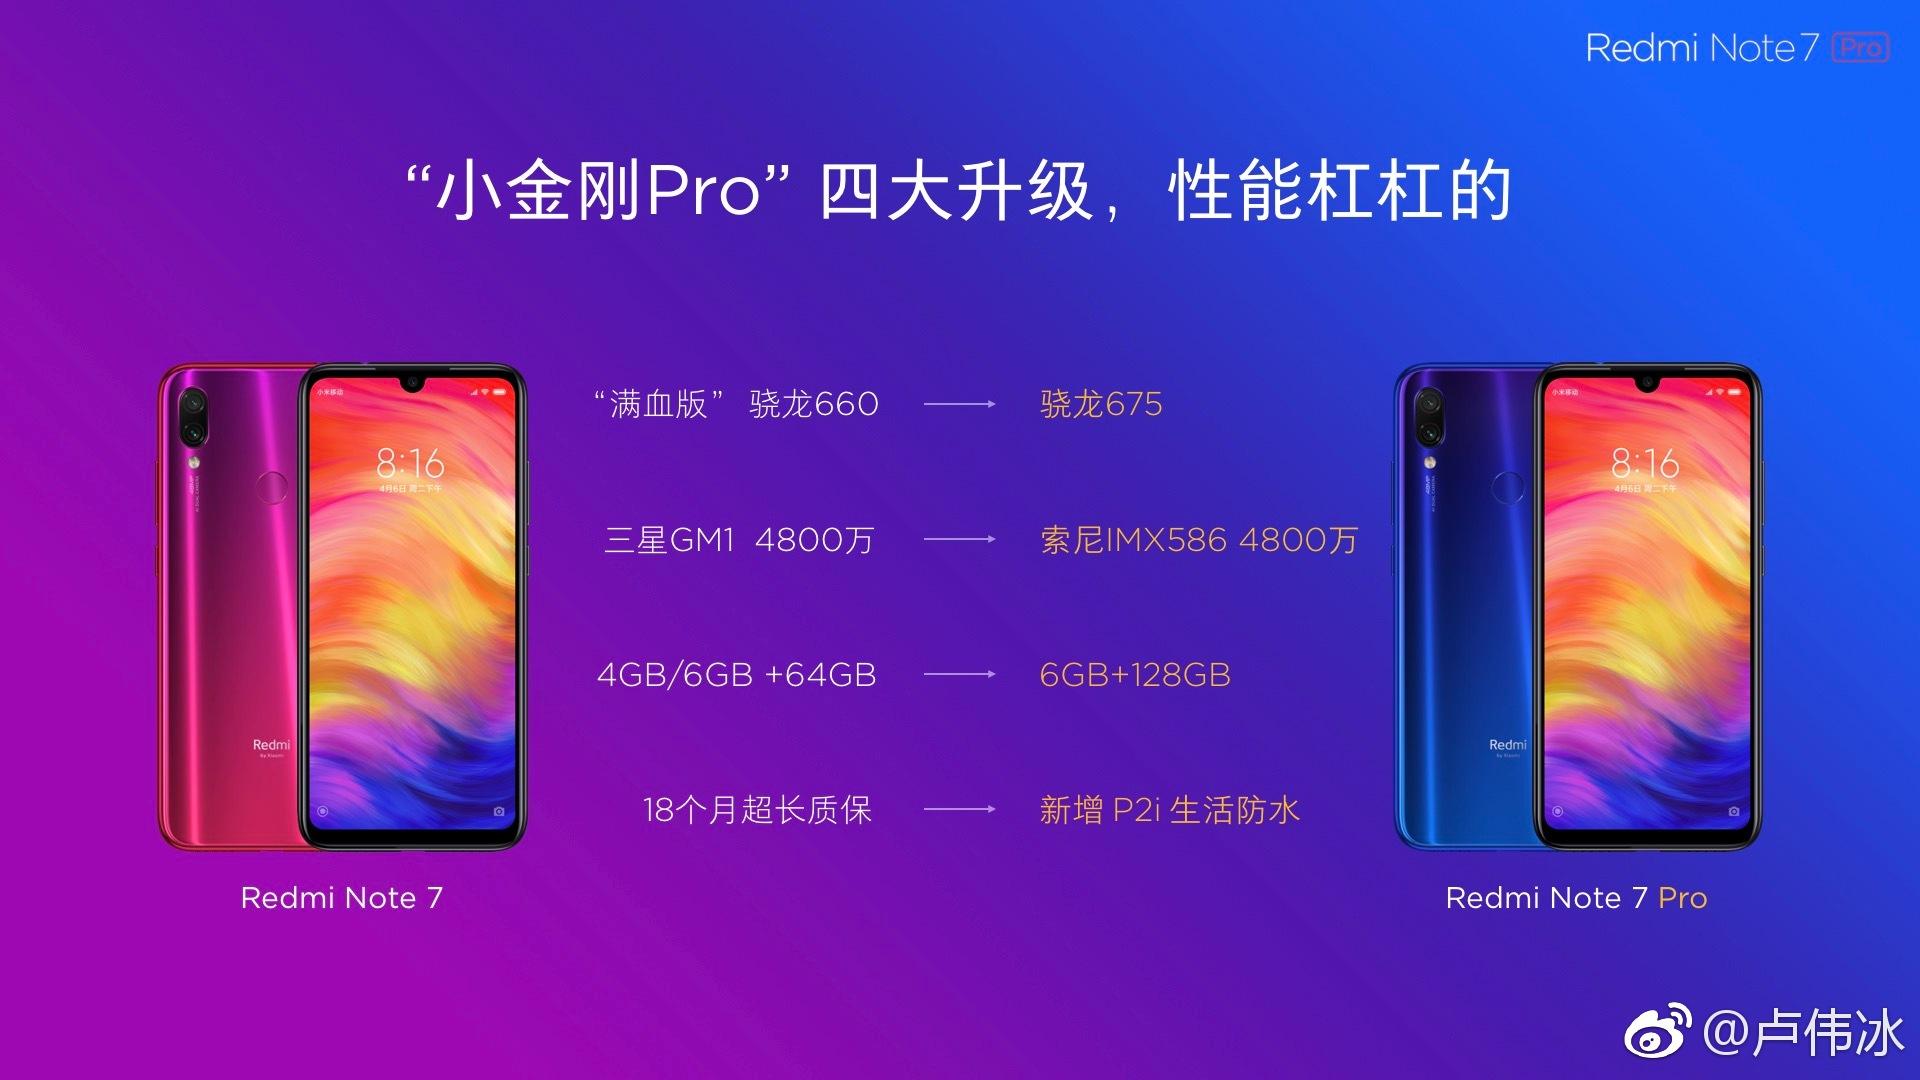 红米Note 7 Pro亮相 搭载骁龙